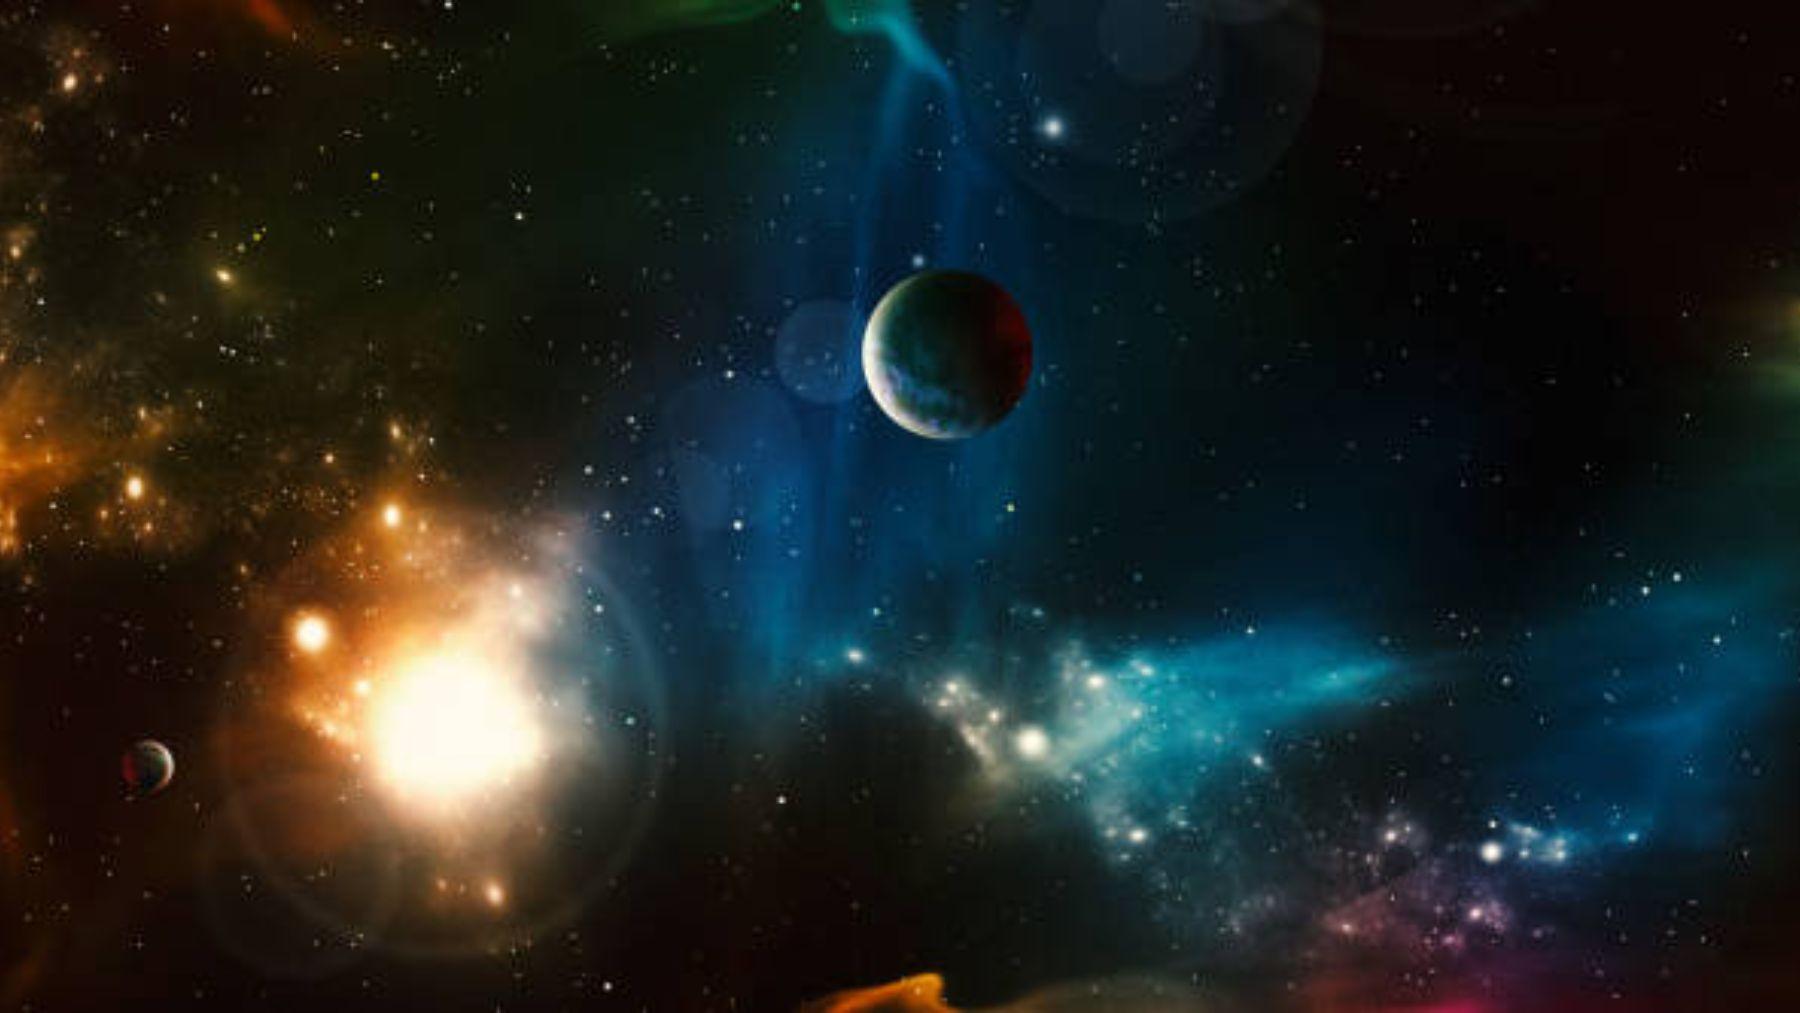 Descubierto un sistema de planetas flotantes cerca de nuestra galaxia